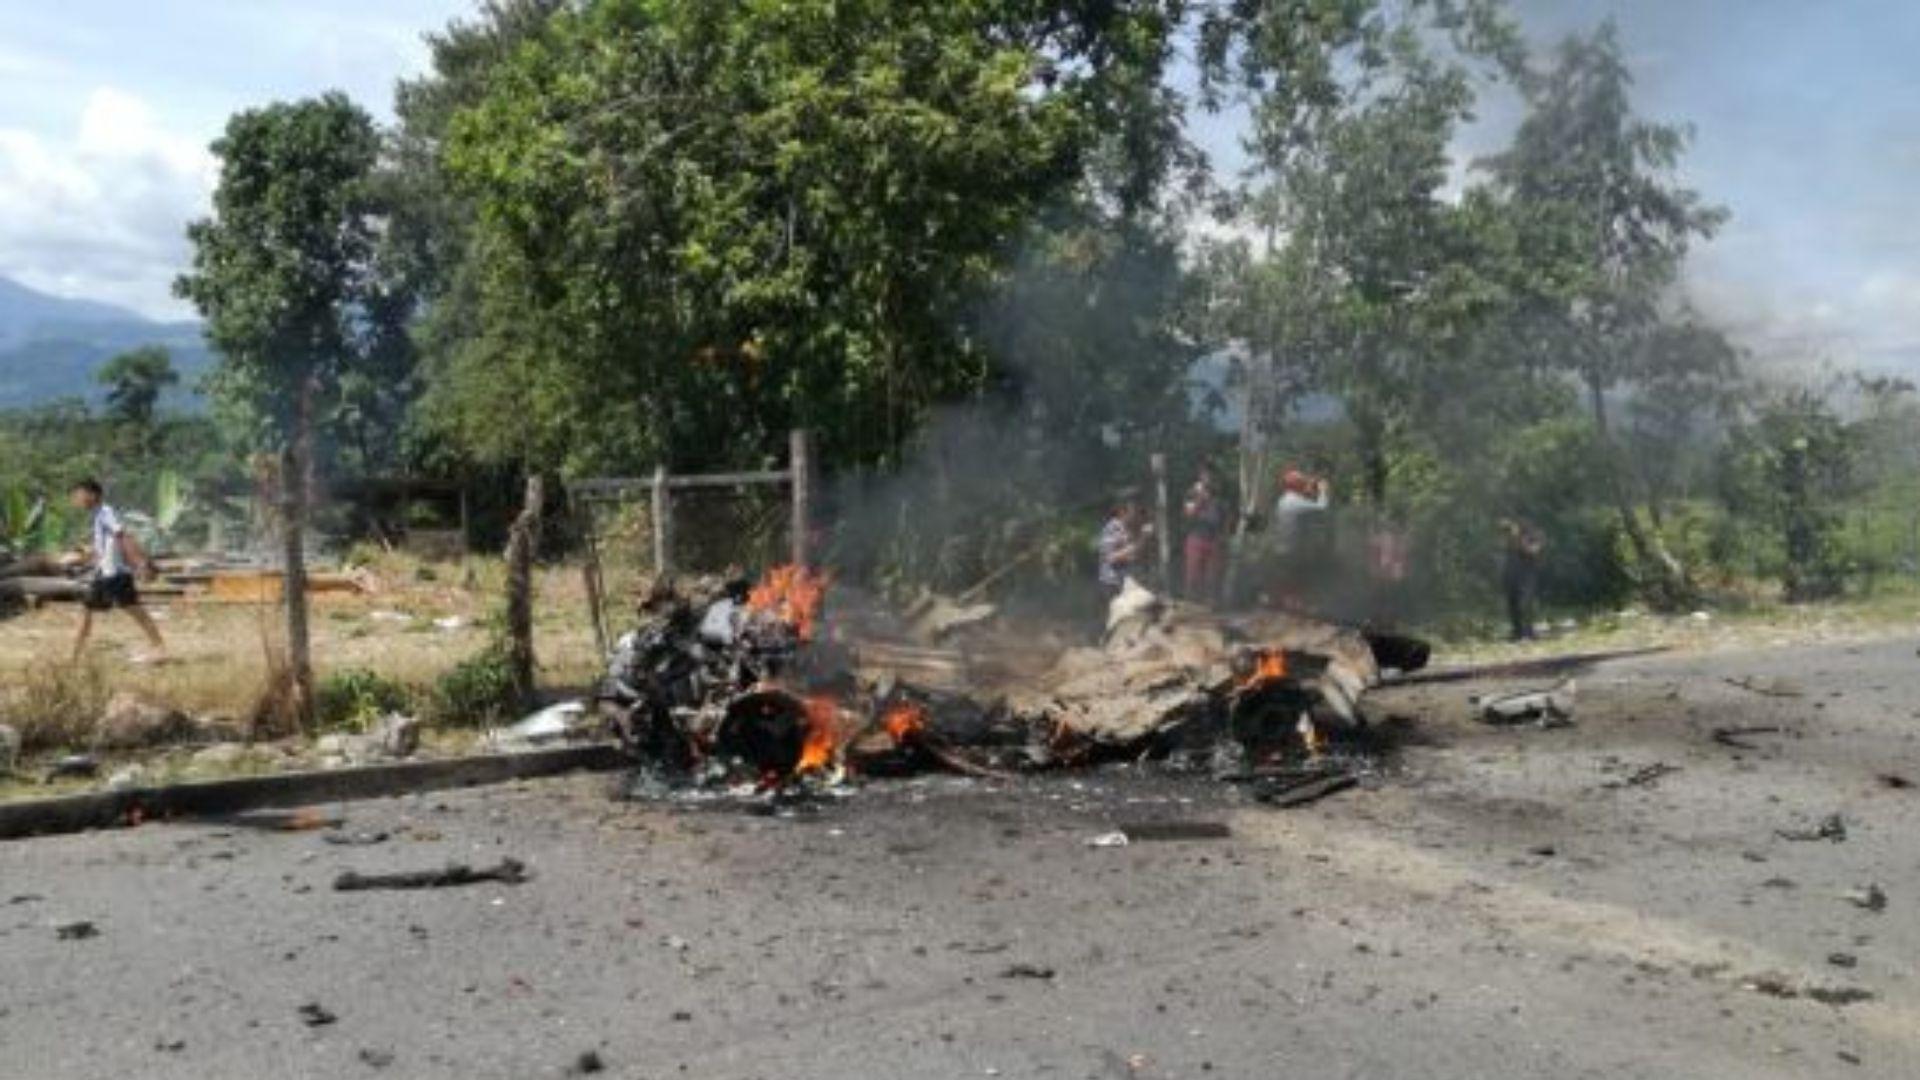 Los restos del coche bomba.